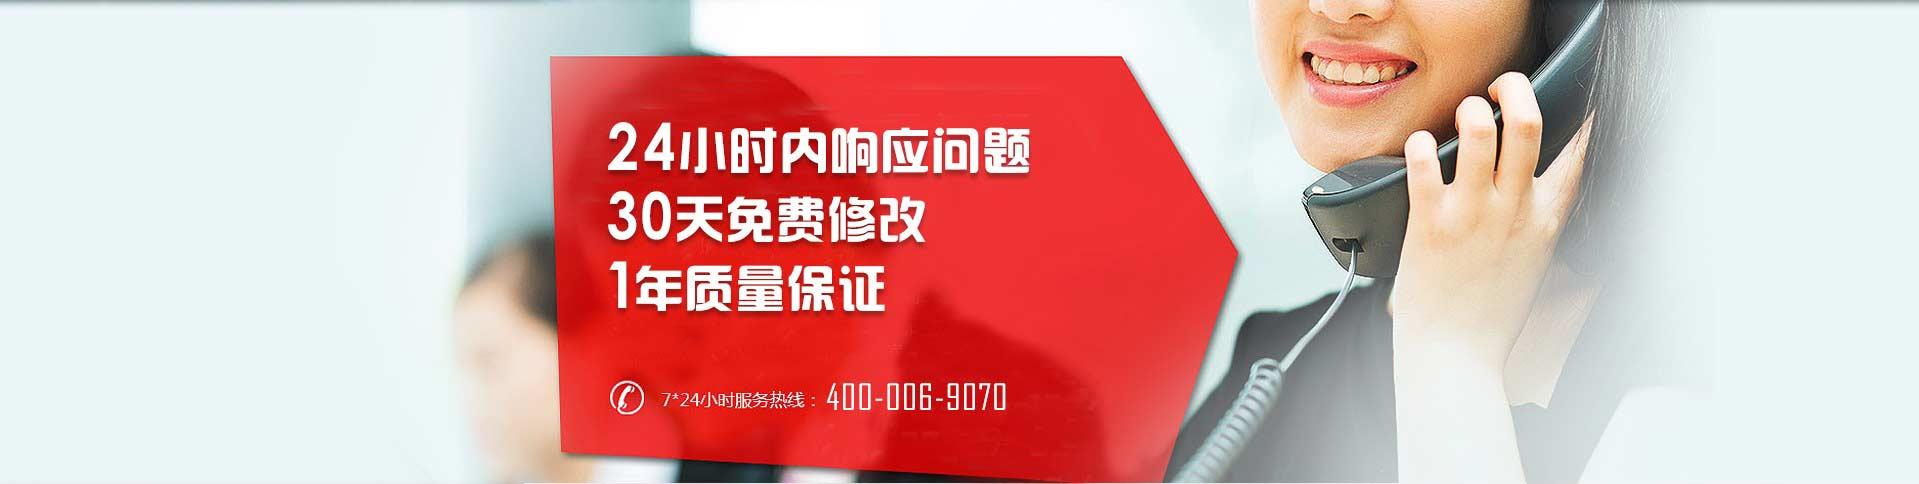 北京职业装厂家—五洲之星职业装服务保障